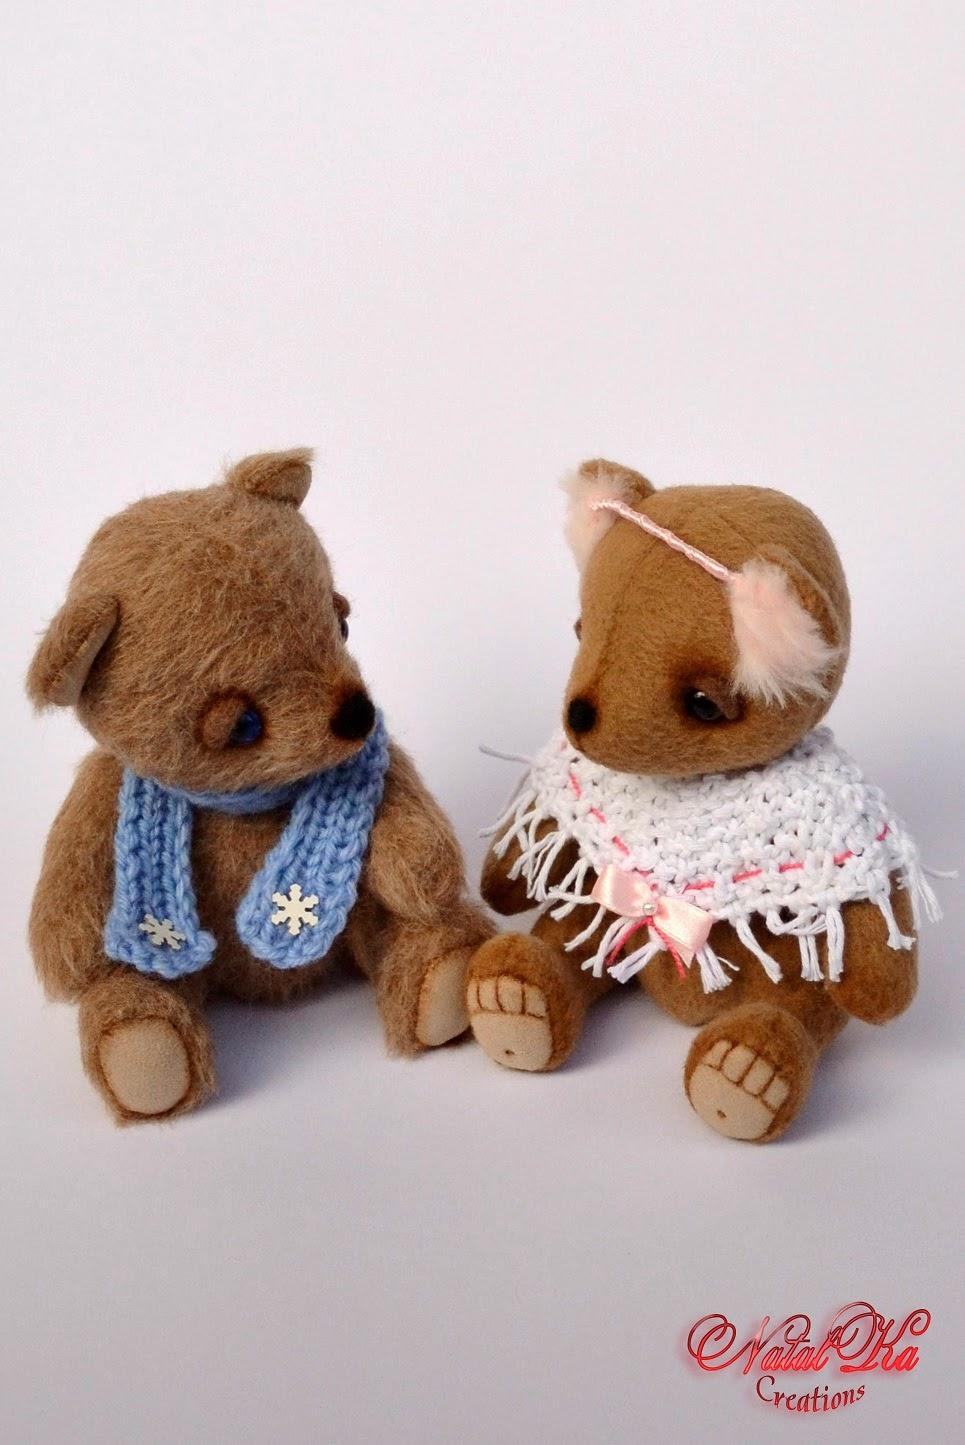 Künstler Teddybären im Winter aus Kaschmir  handgemacht von NatalKa Creations. Artist teddy bears in winter from cashmere handmade by NatalKa Creations